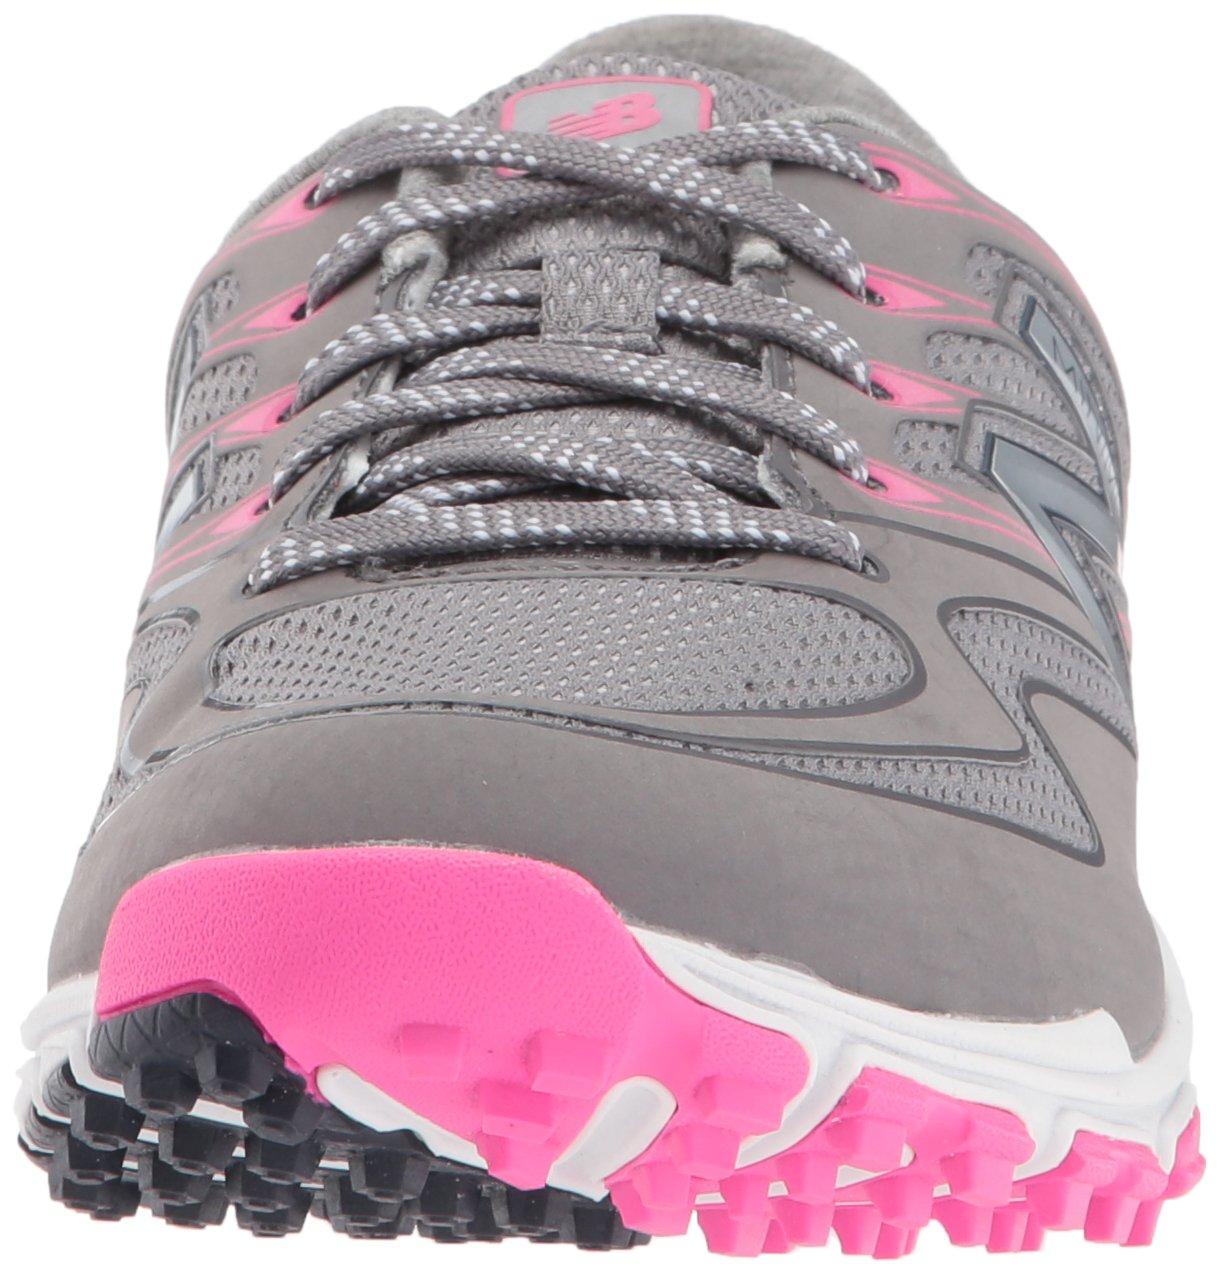 New Balance Women's Minimus Sport Golf Shoe, Pink/Grey, 7.5 B B US by New Balance (Image #4)